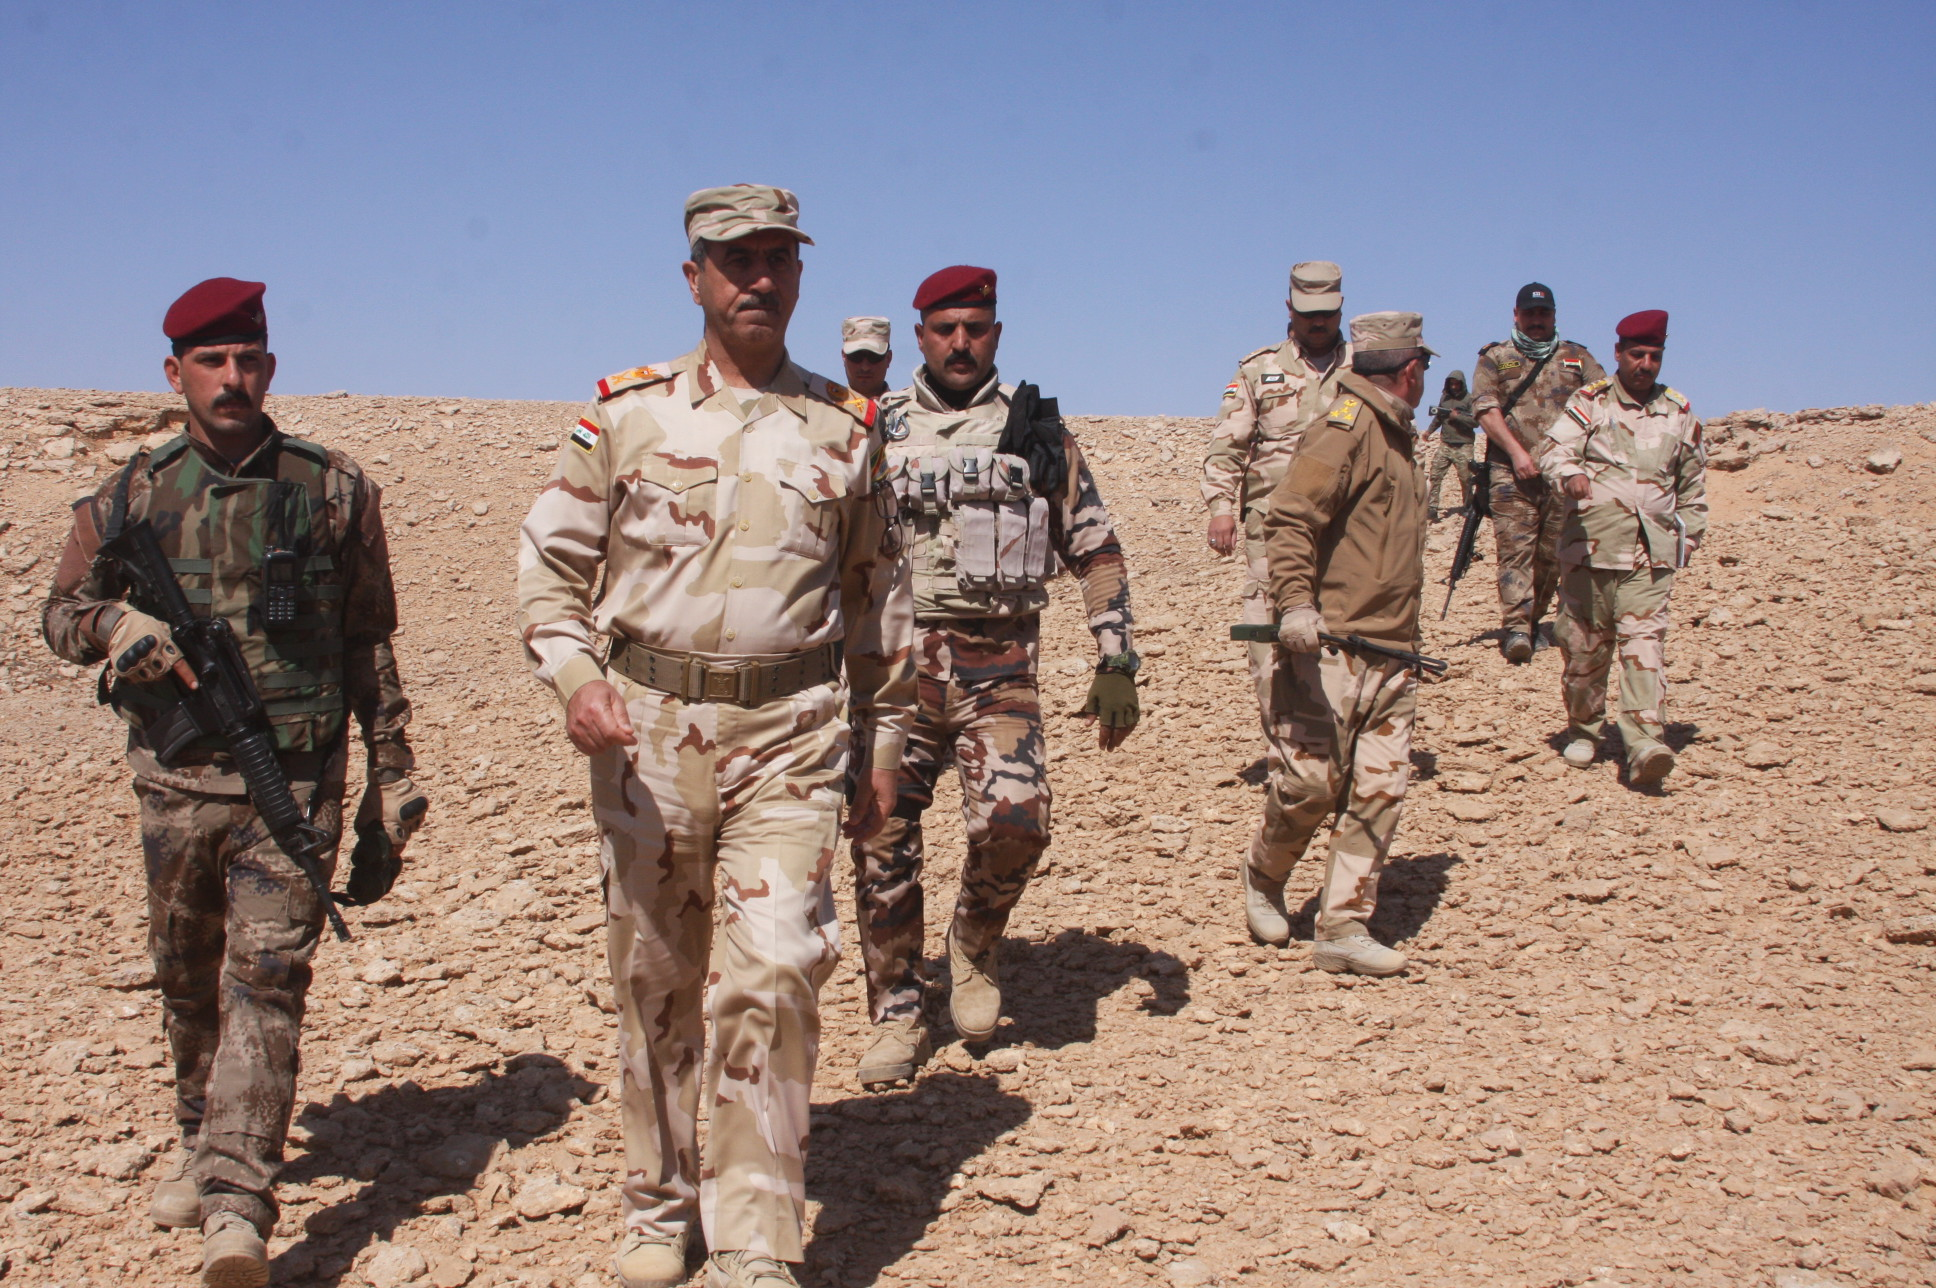 """عمليات الأنبار تعلن تدمير مقرات ومضافات واكداس لـ""""داعش"""" في صحراء الرطبة"""